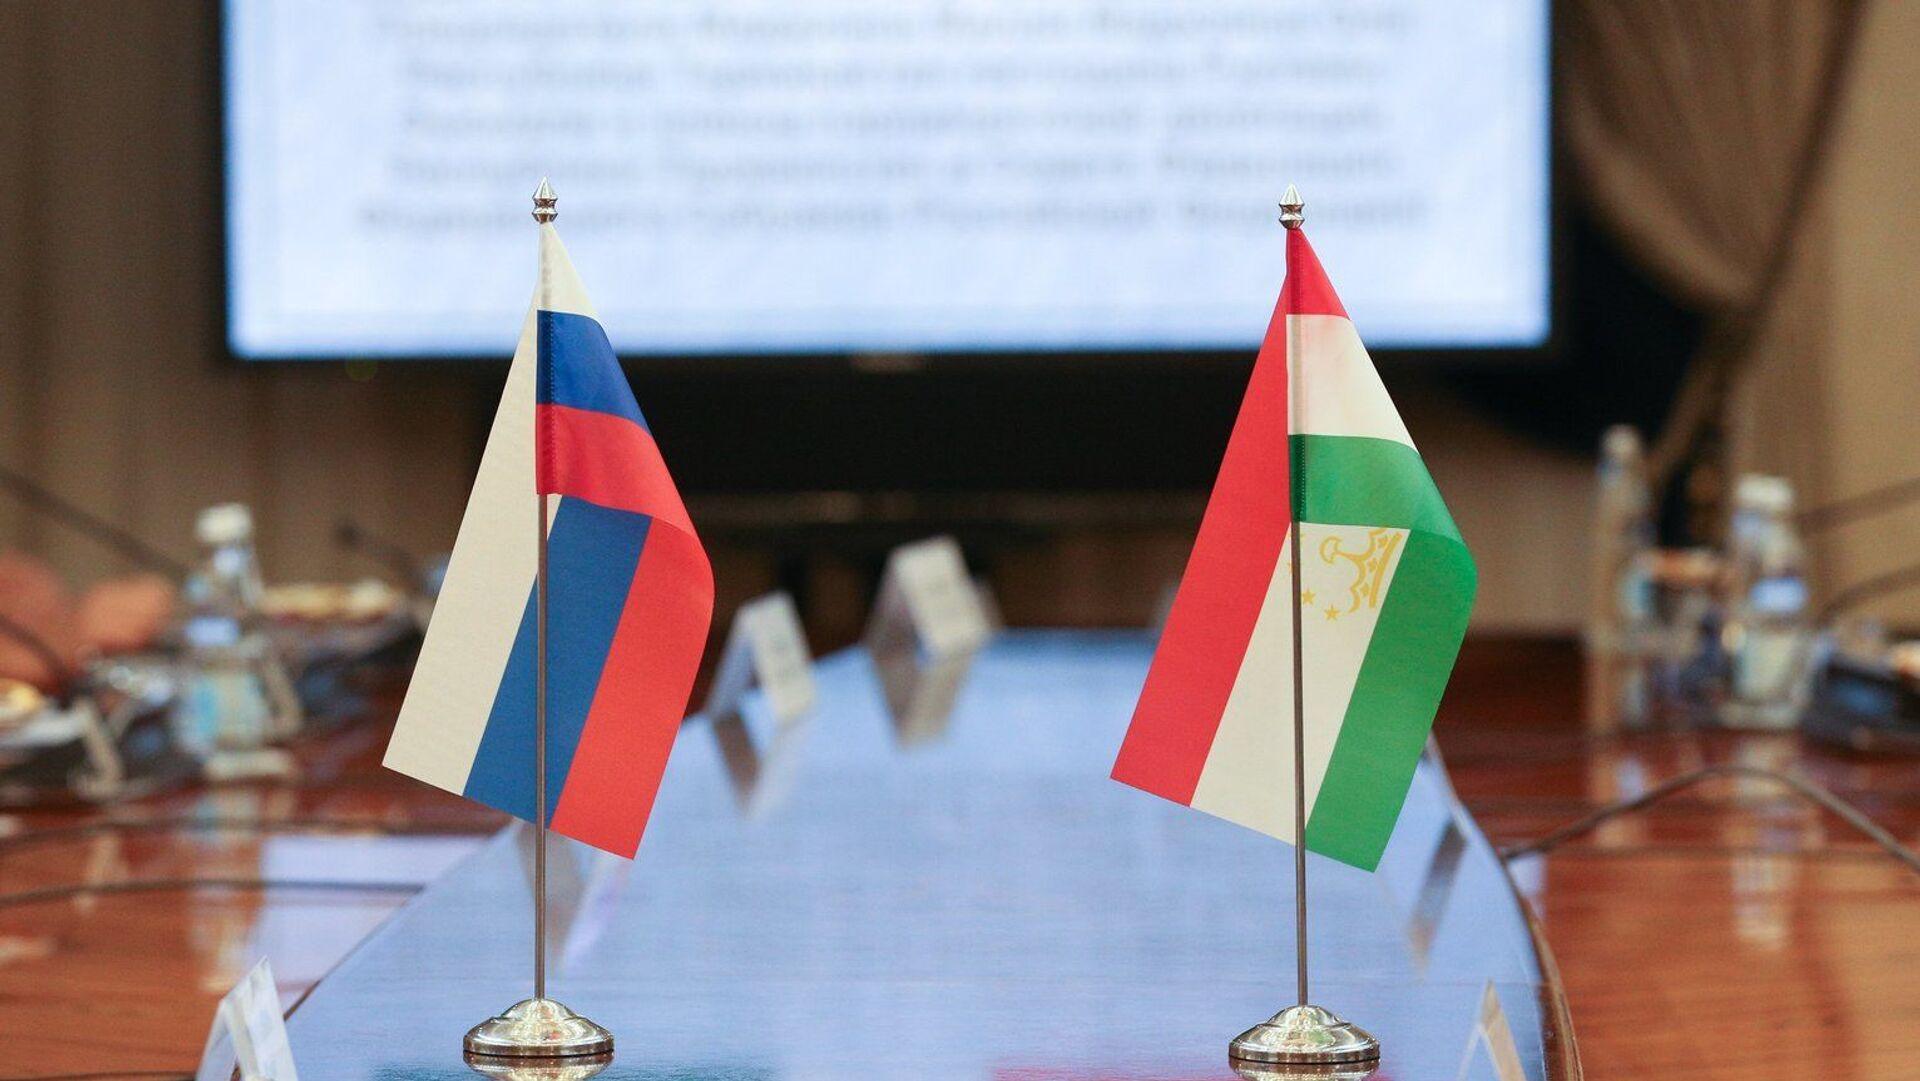 Флаги на переговорах верхних палат парламентов России и Таджикистана - Sputnik Тоҷикистон, 1920, 17.09.2021